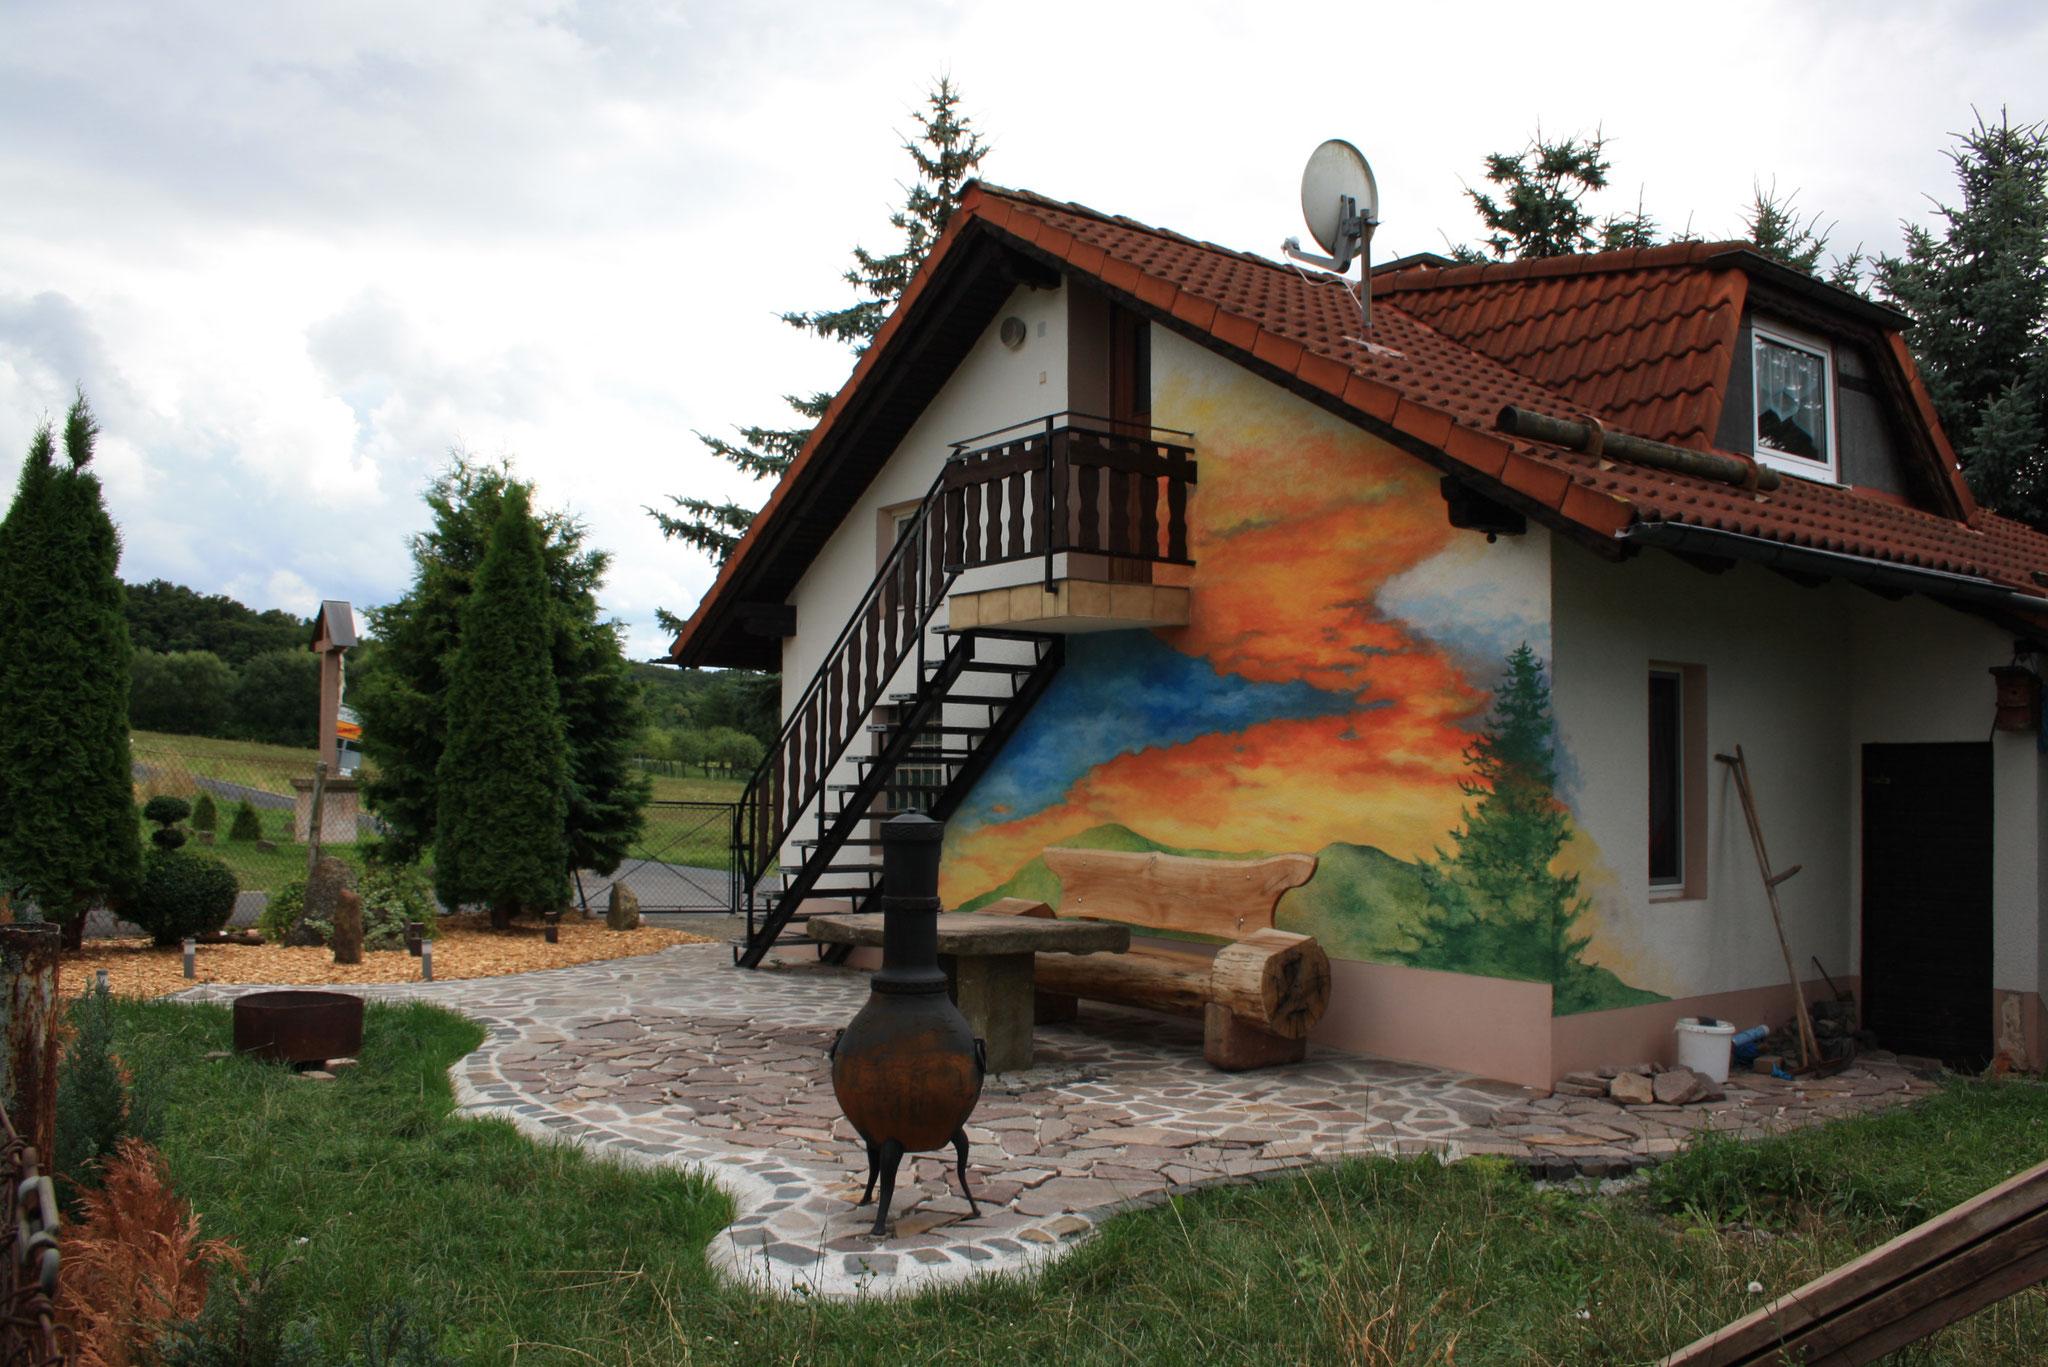 Gartenhaus Bermbach